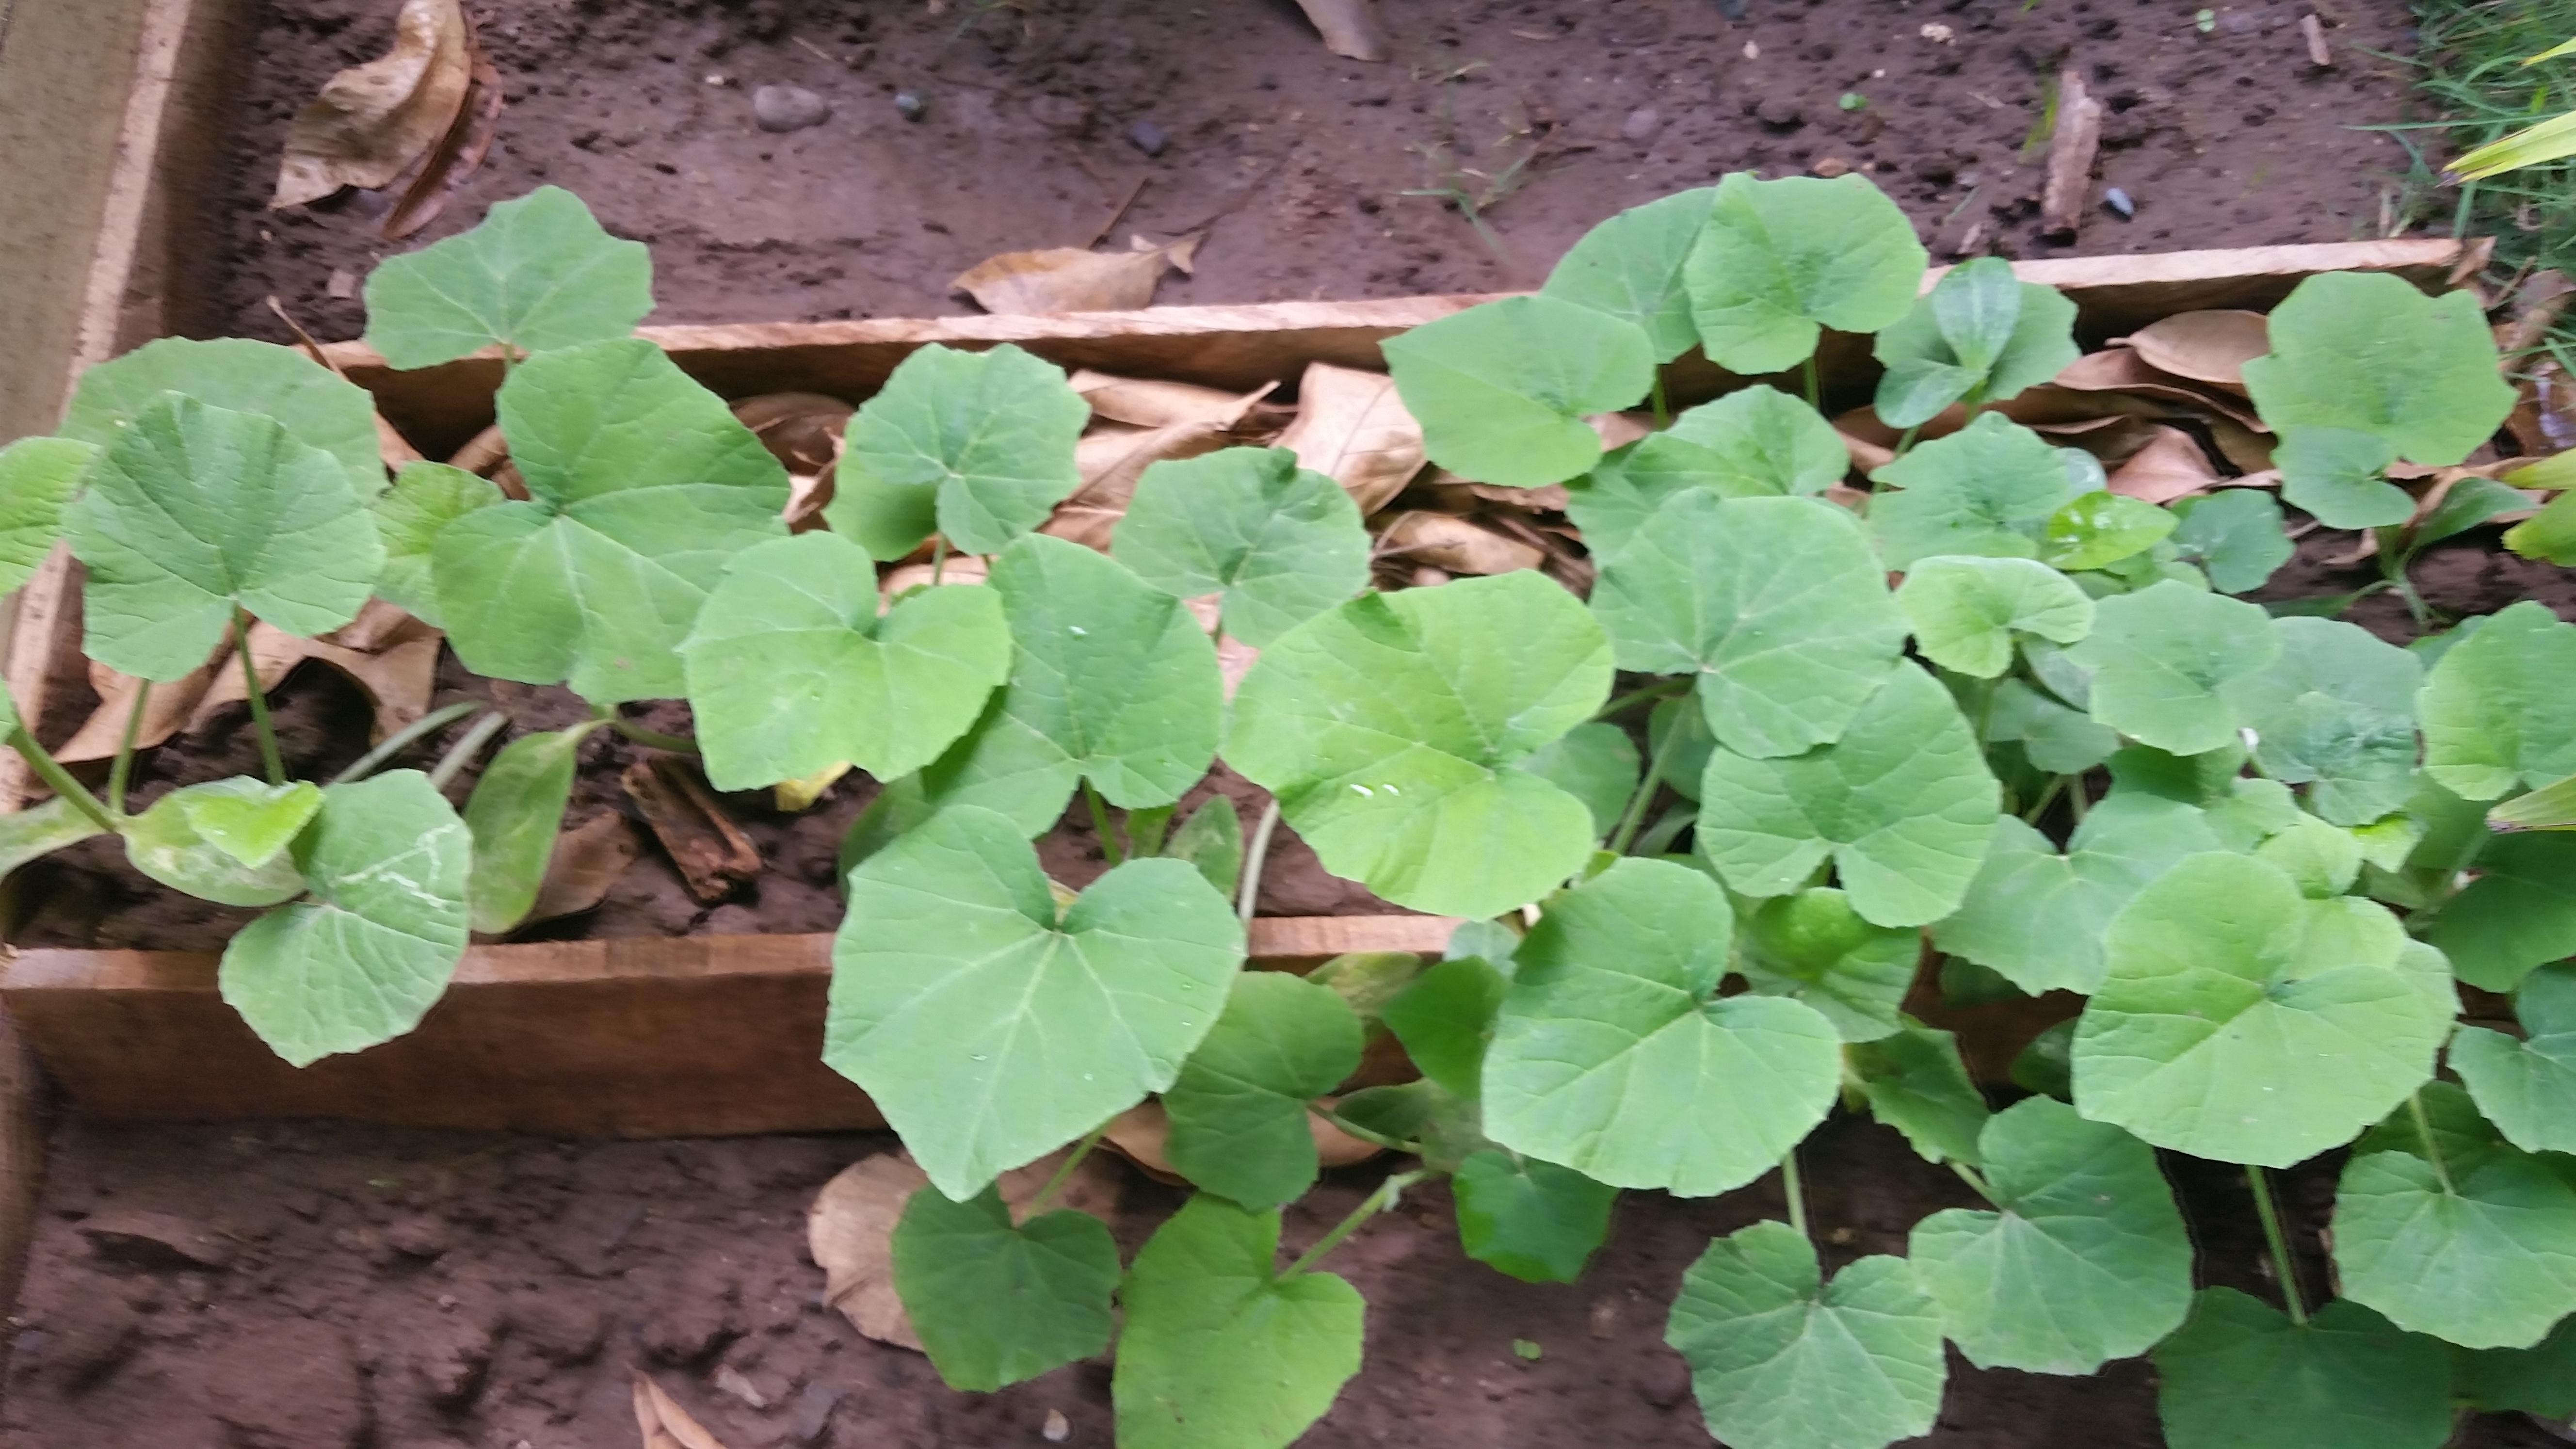 Jamaican Urban Organic Farming #2: Small Crops